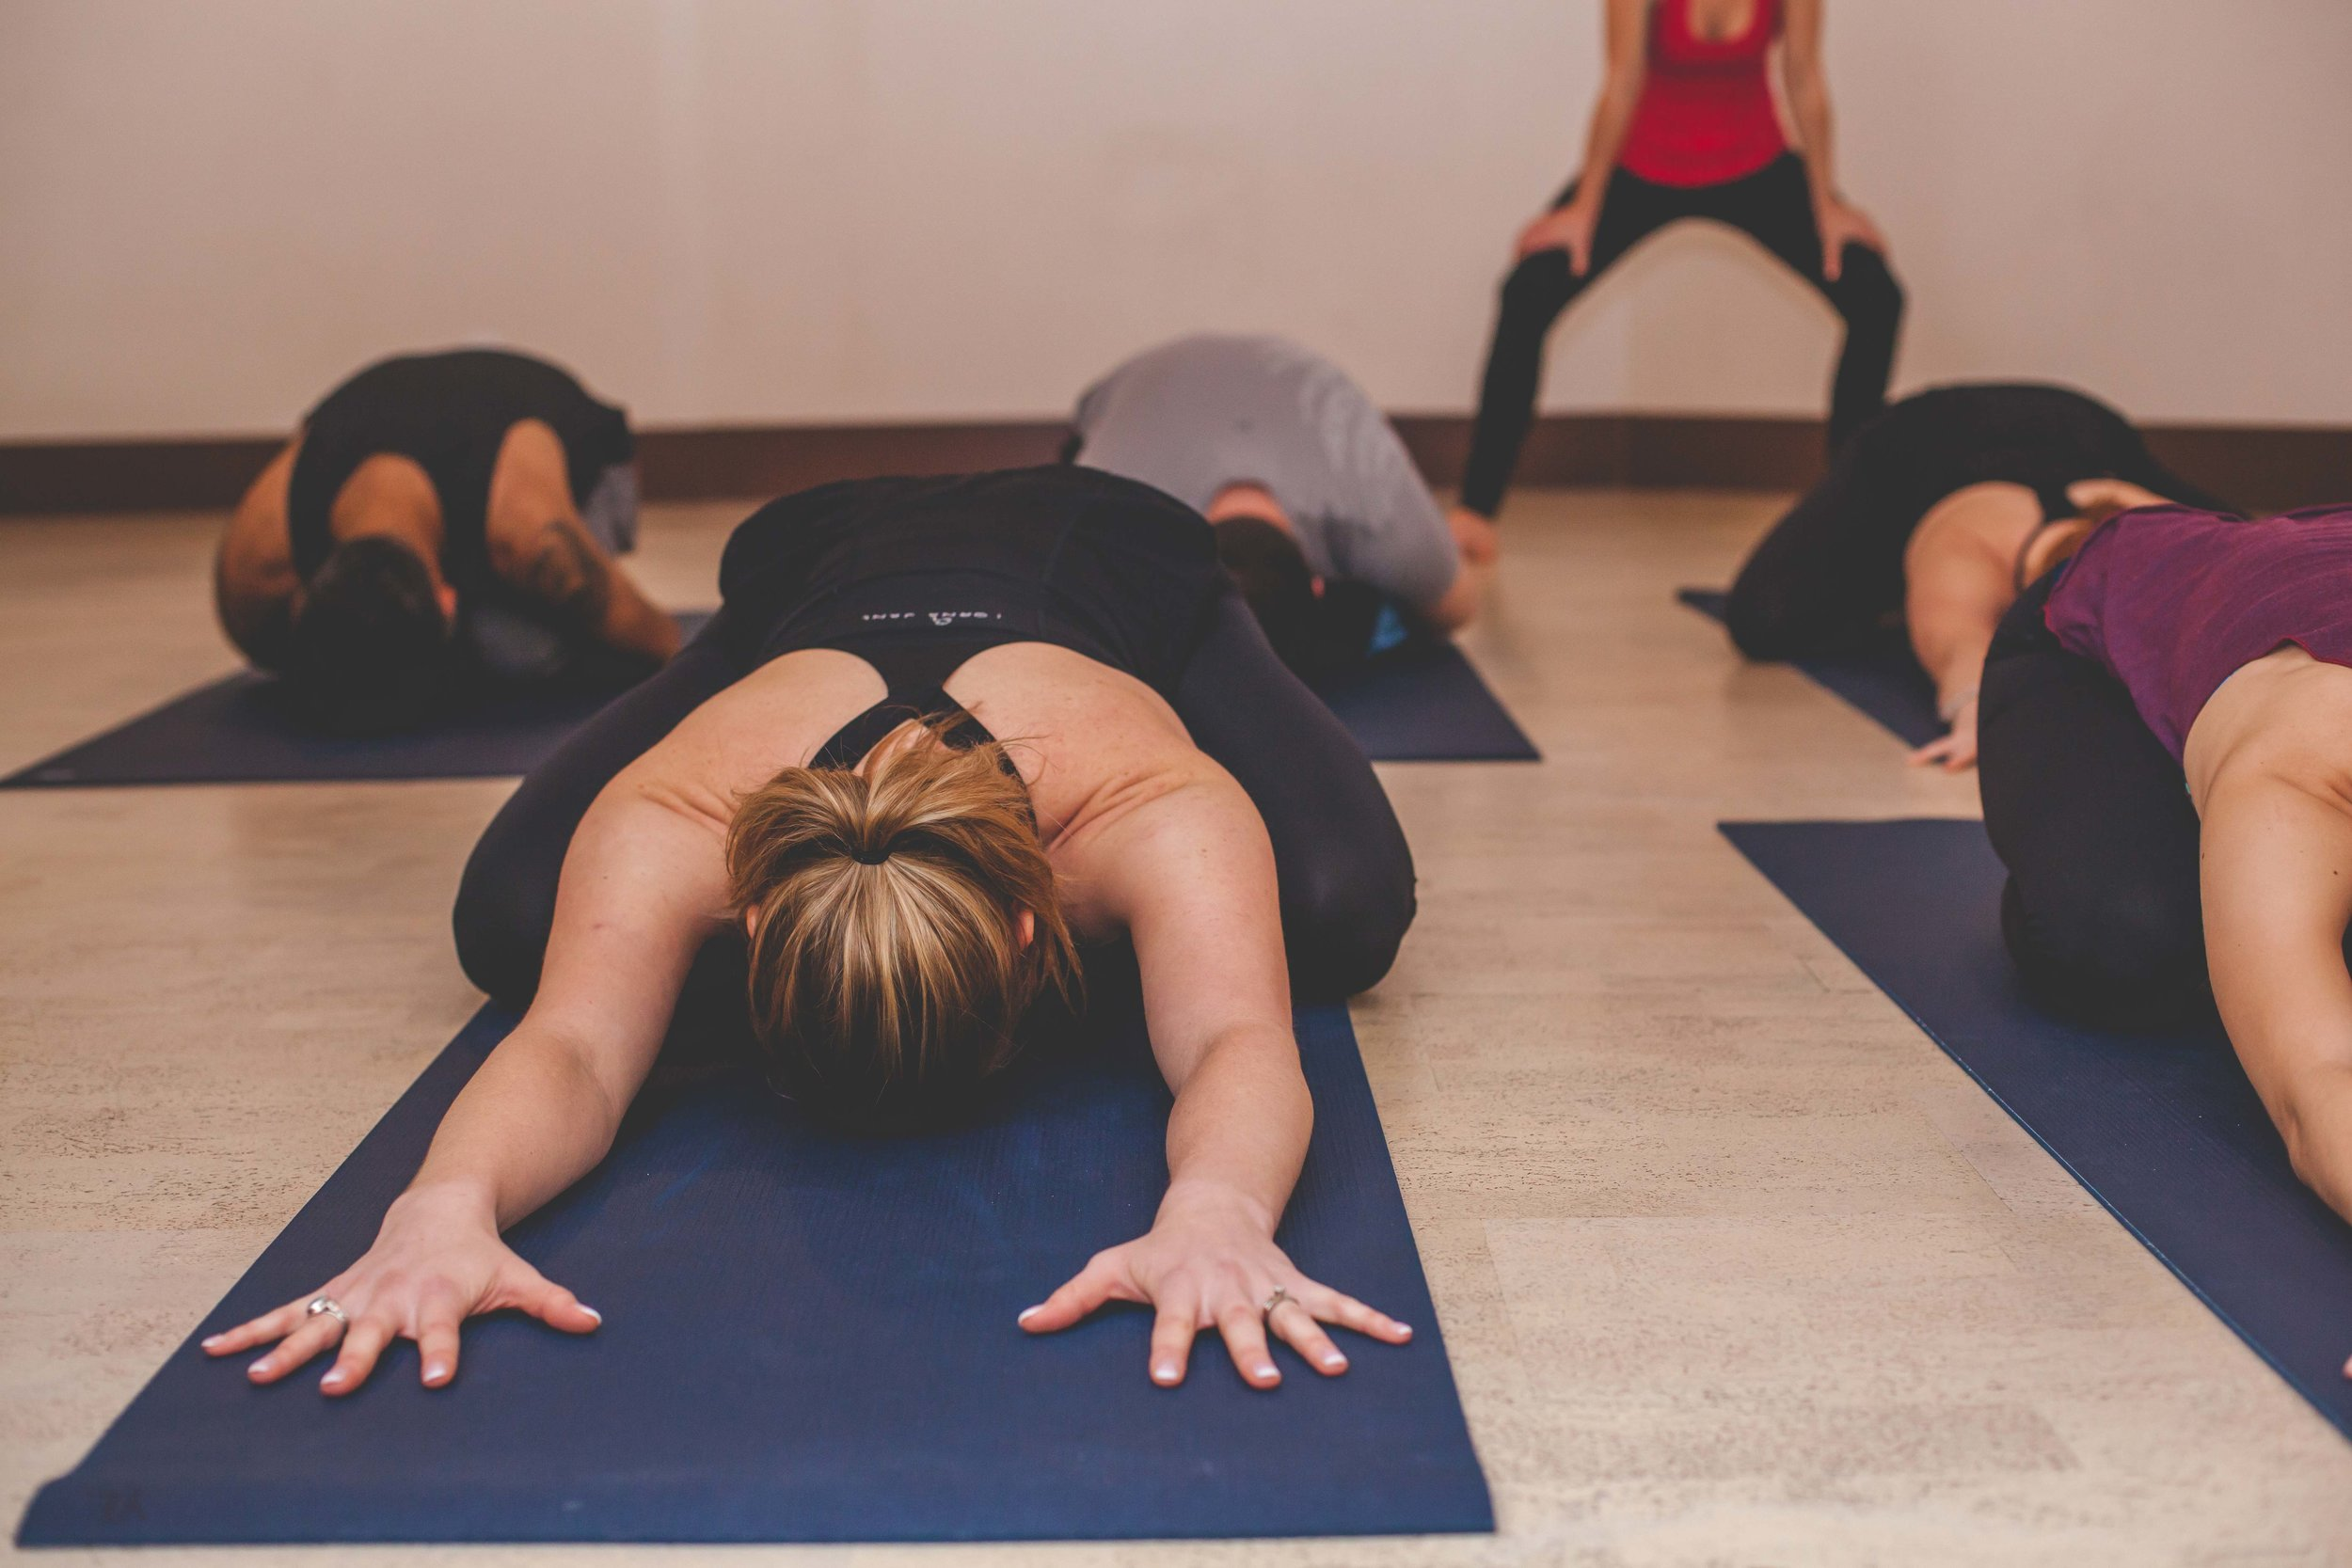 yogalife-challenge-yoga-web.jpg